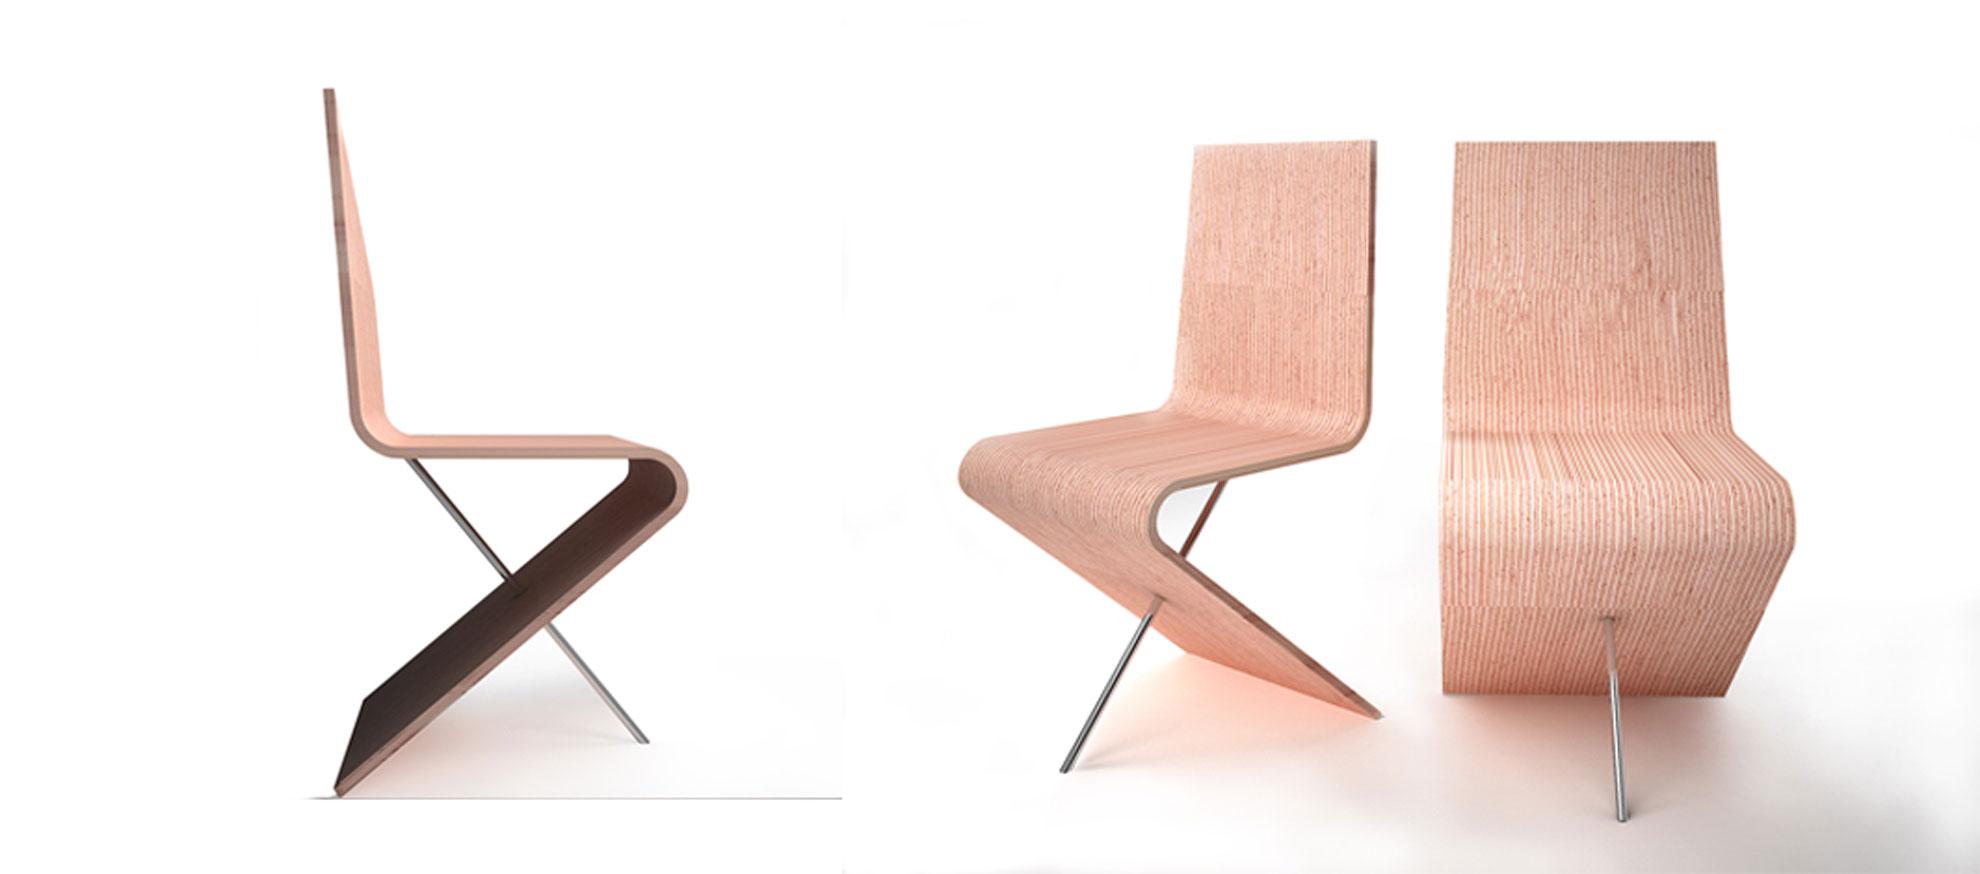 Sedia di design in legno architetto andrea bella for Sedia di design